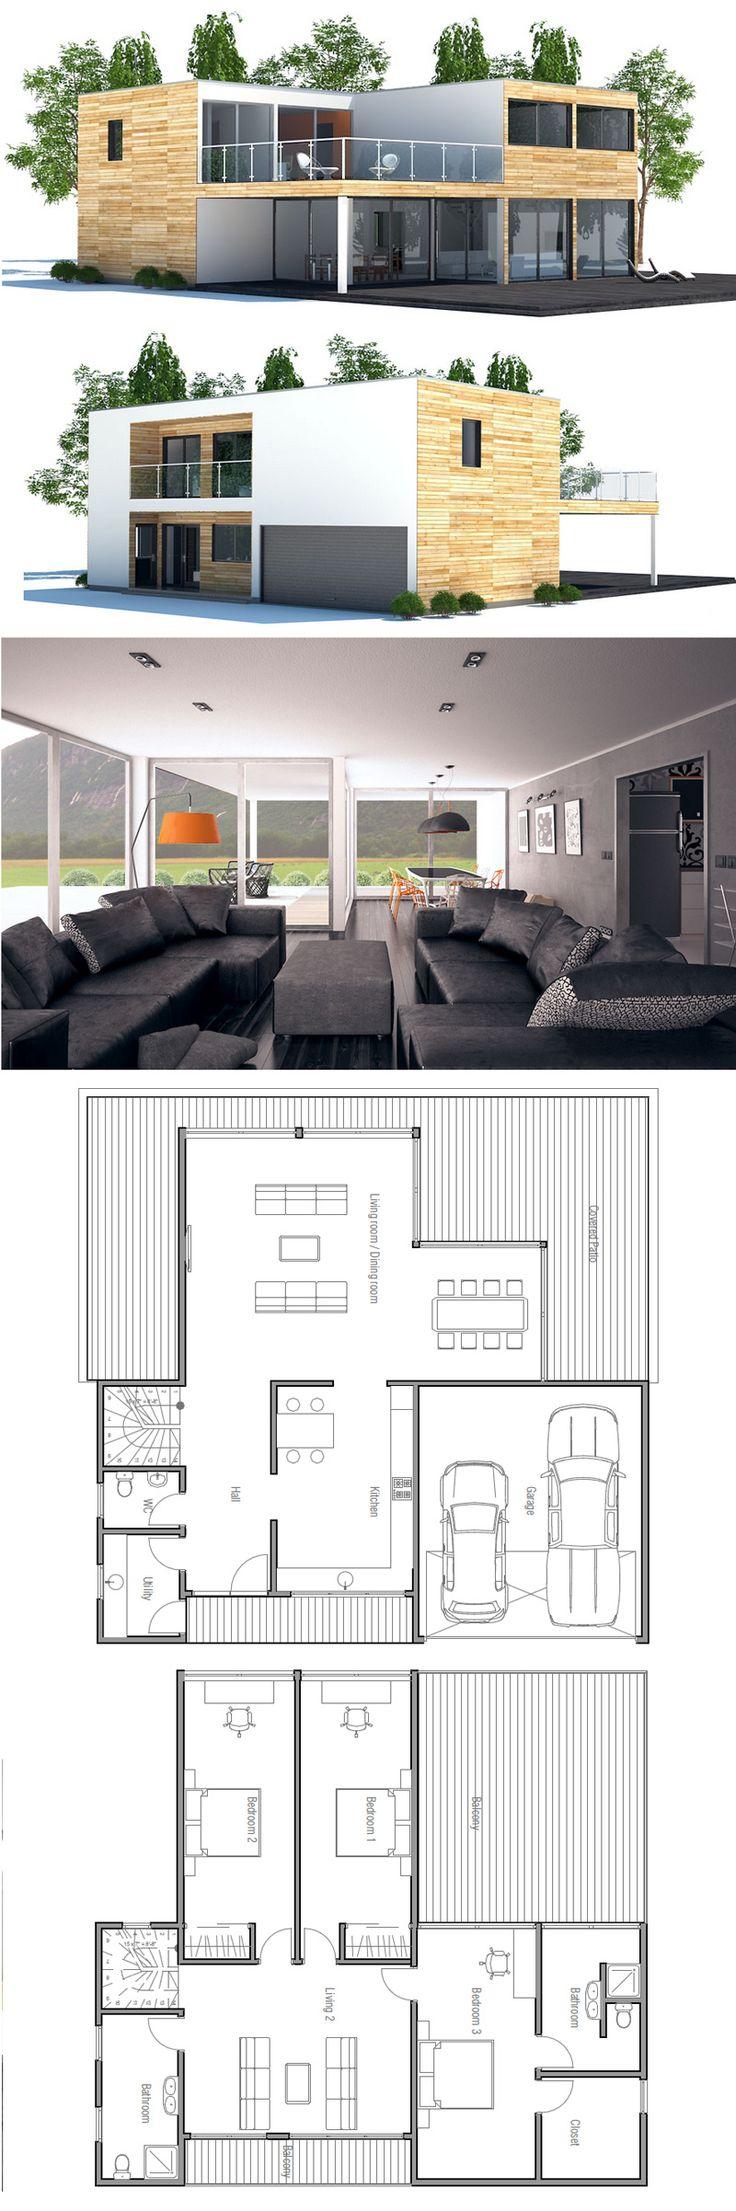 Casa 2 plantas, planta baja concocina independiente, planta primera 3 dormitorios, 2 baños